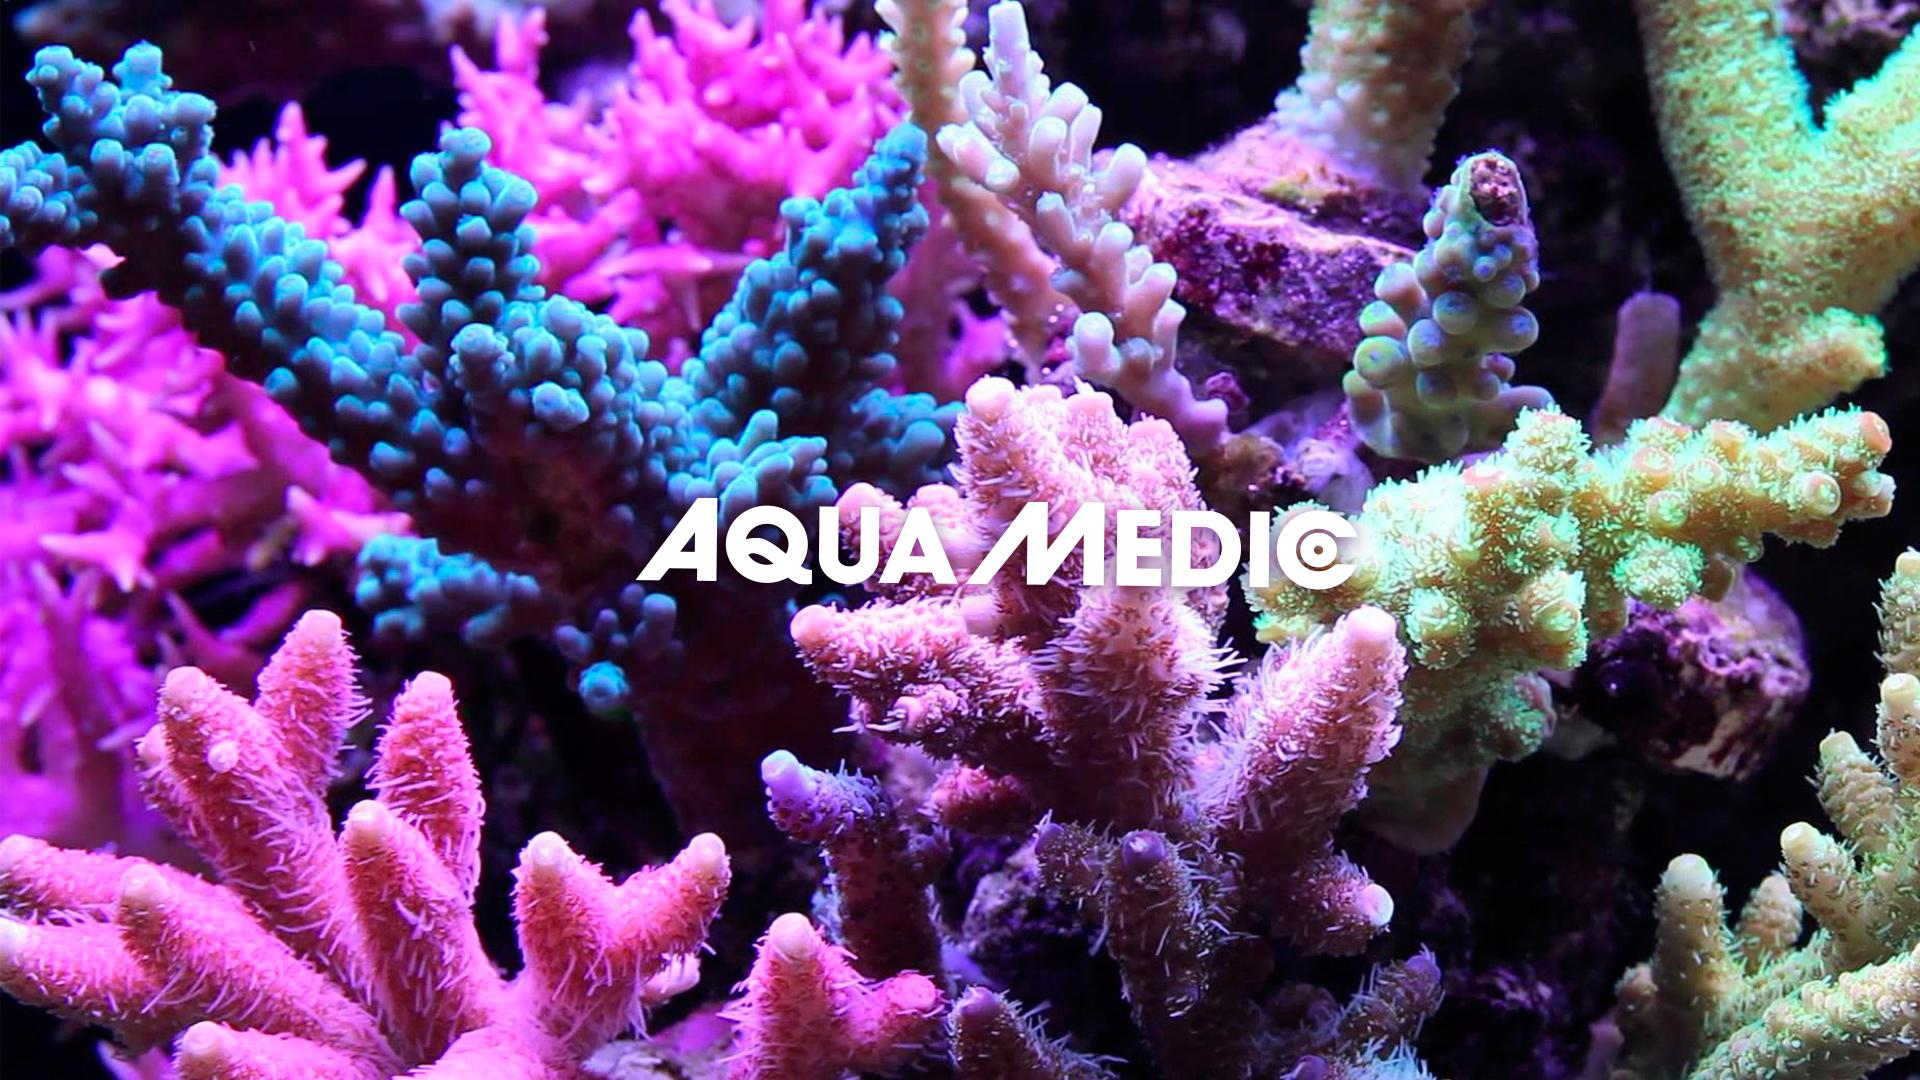 Praca dla Aqua Medic slajder tytułowy 1